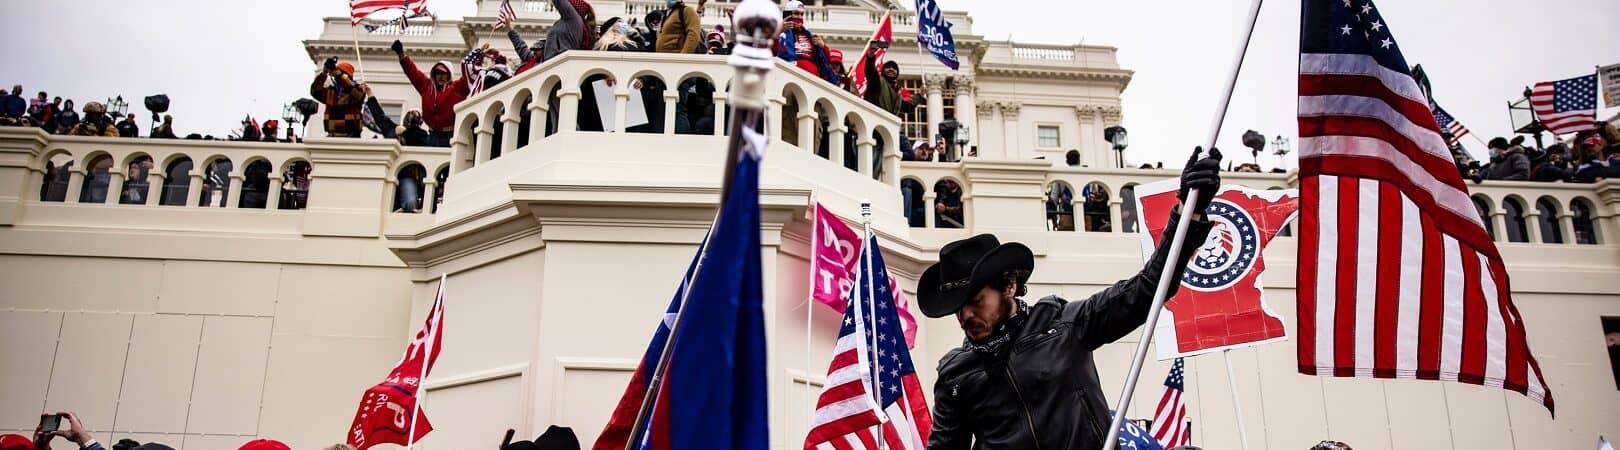 Prédio do Capitólio, em Wahsington DC tomado por extremistas de direita